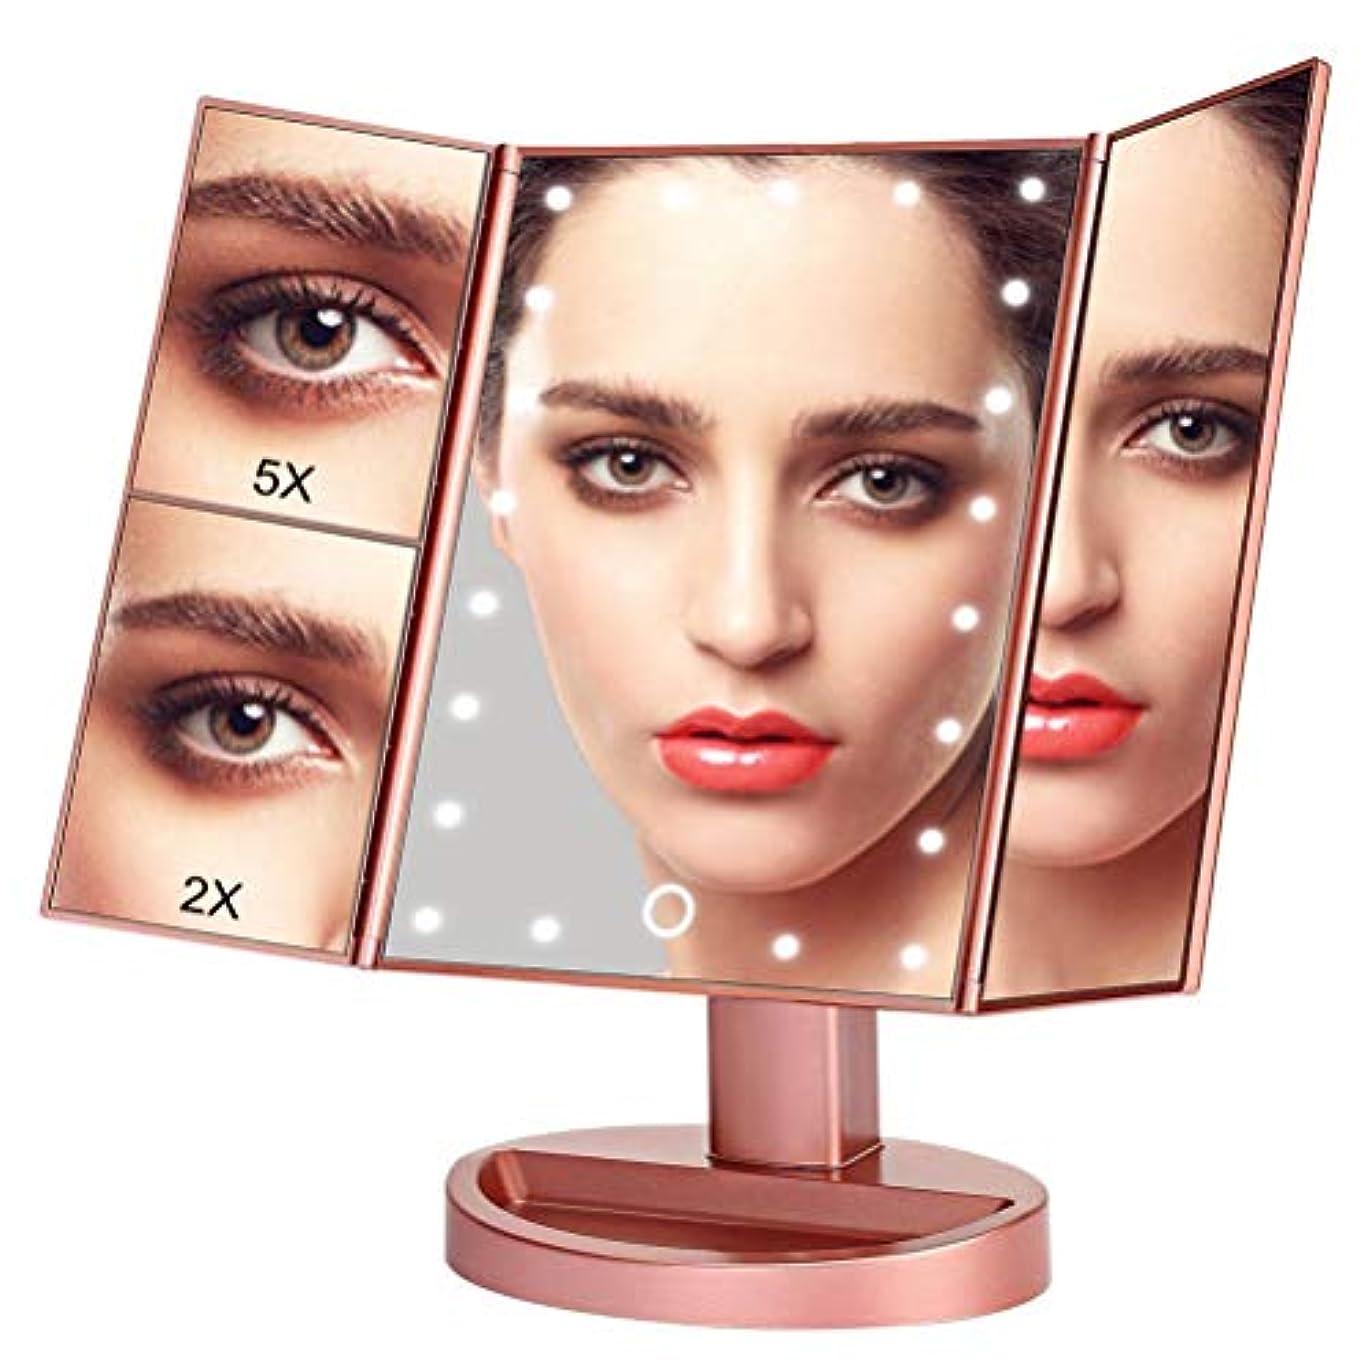 メーカー期待するブリードOKISS 三面鏡 LED化粧鏡 卓上 ミラー 女優 鏡 2倍と5倍拡大鏡付き 明るさ調節可能 折り畳み式 180°回転 USB/単4電池給電 (LED三面鏡2)